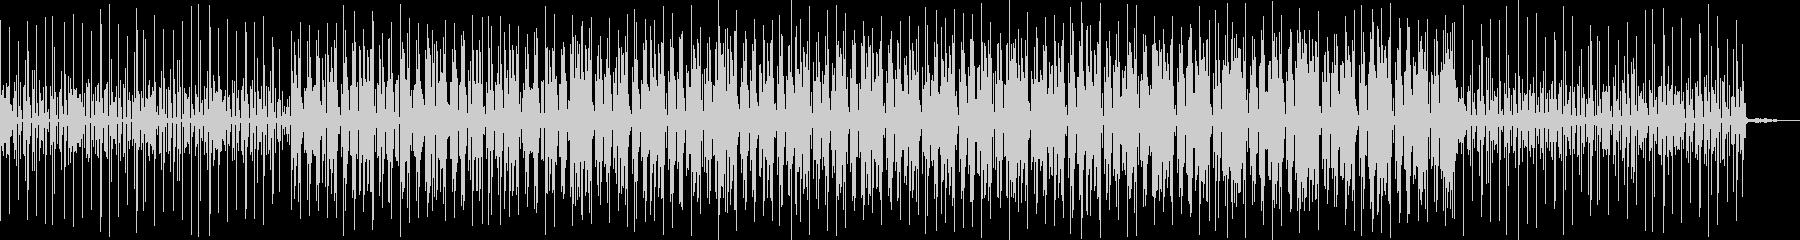 ヒップホップスタイルの楽曲です。ダンサ…の未再生の波形